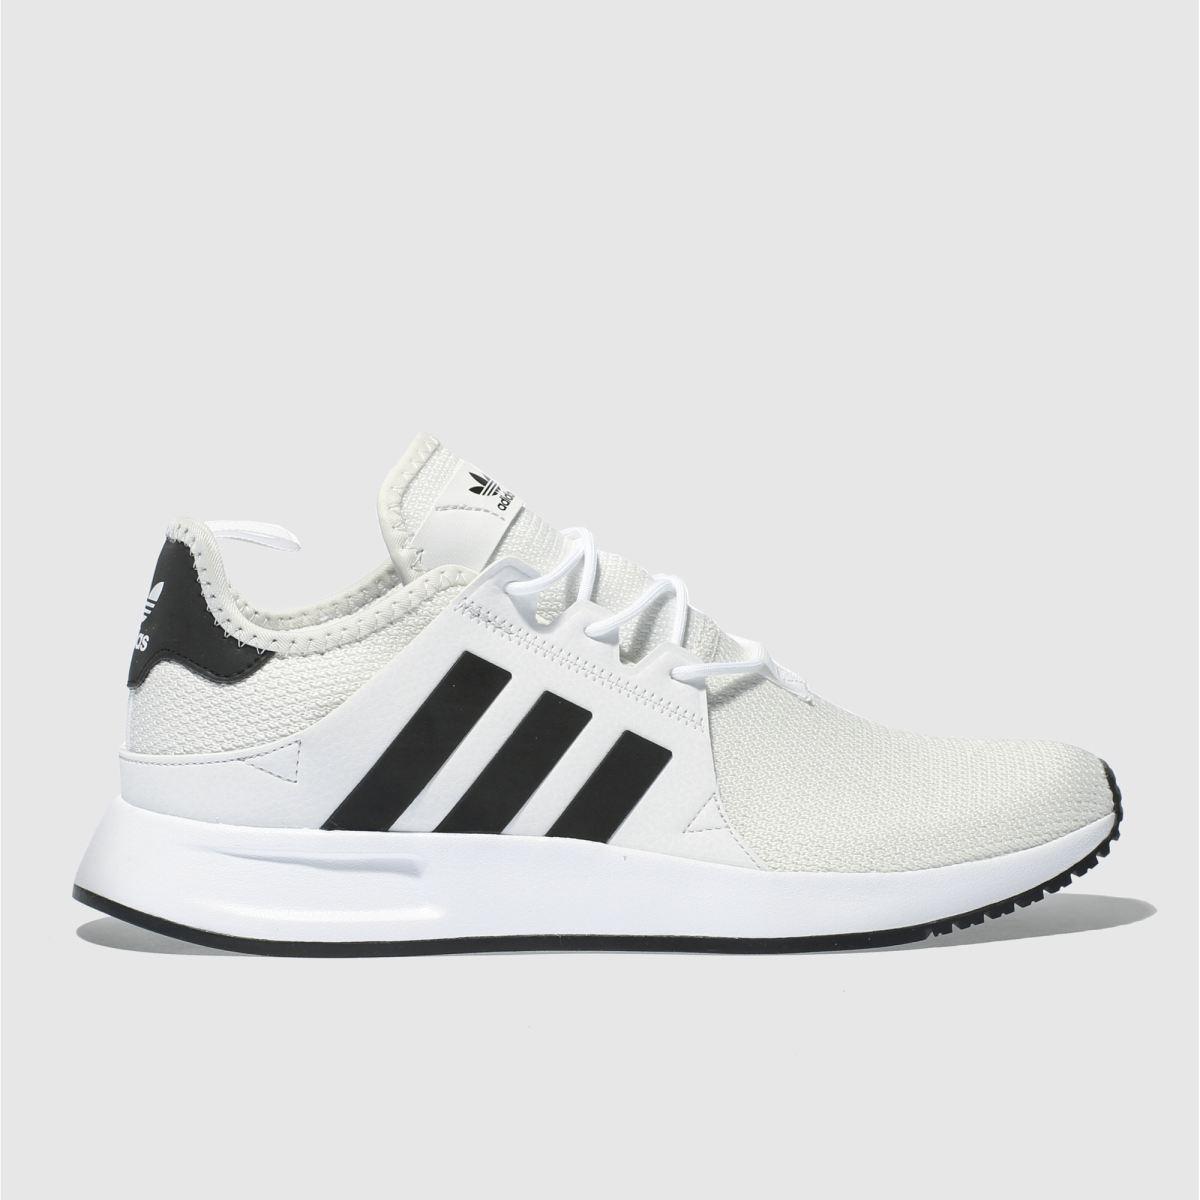 Adidas White & Black X_plr Trainers